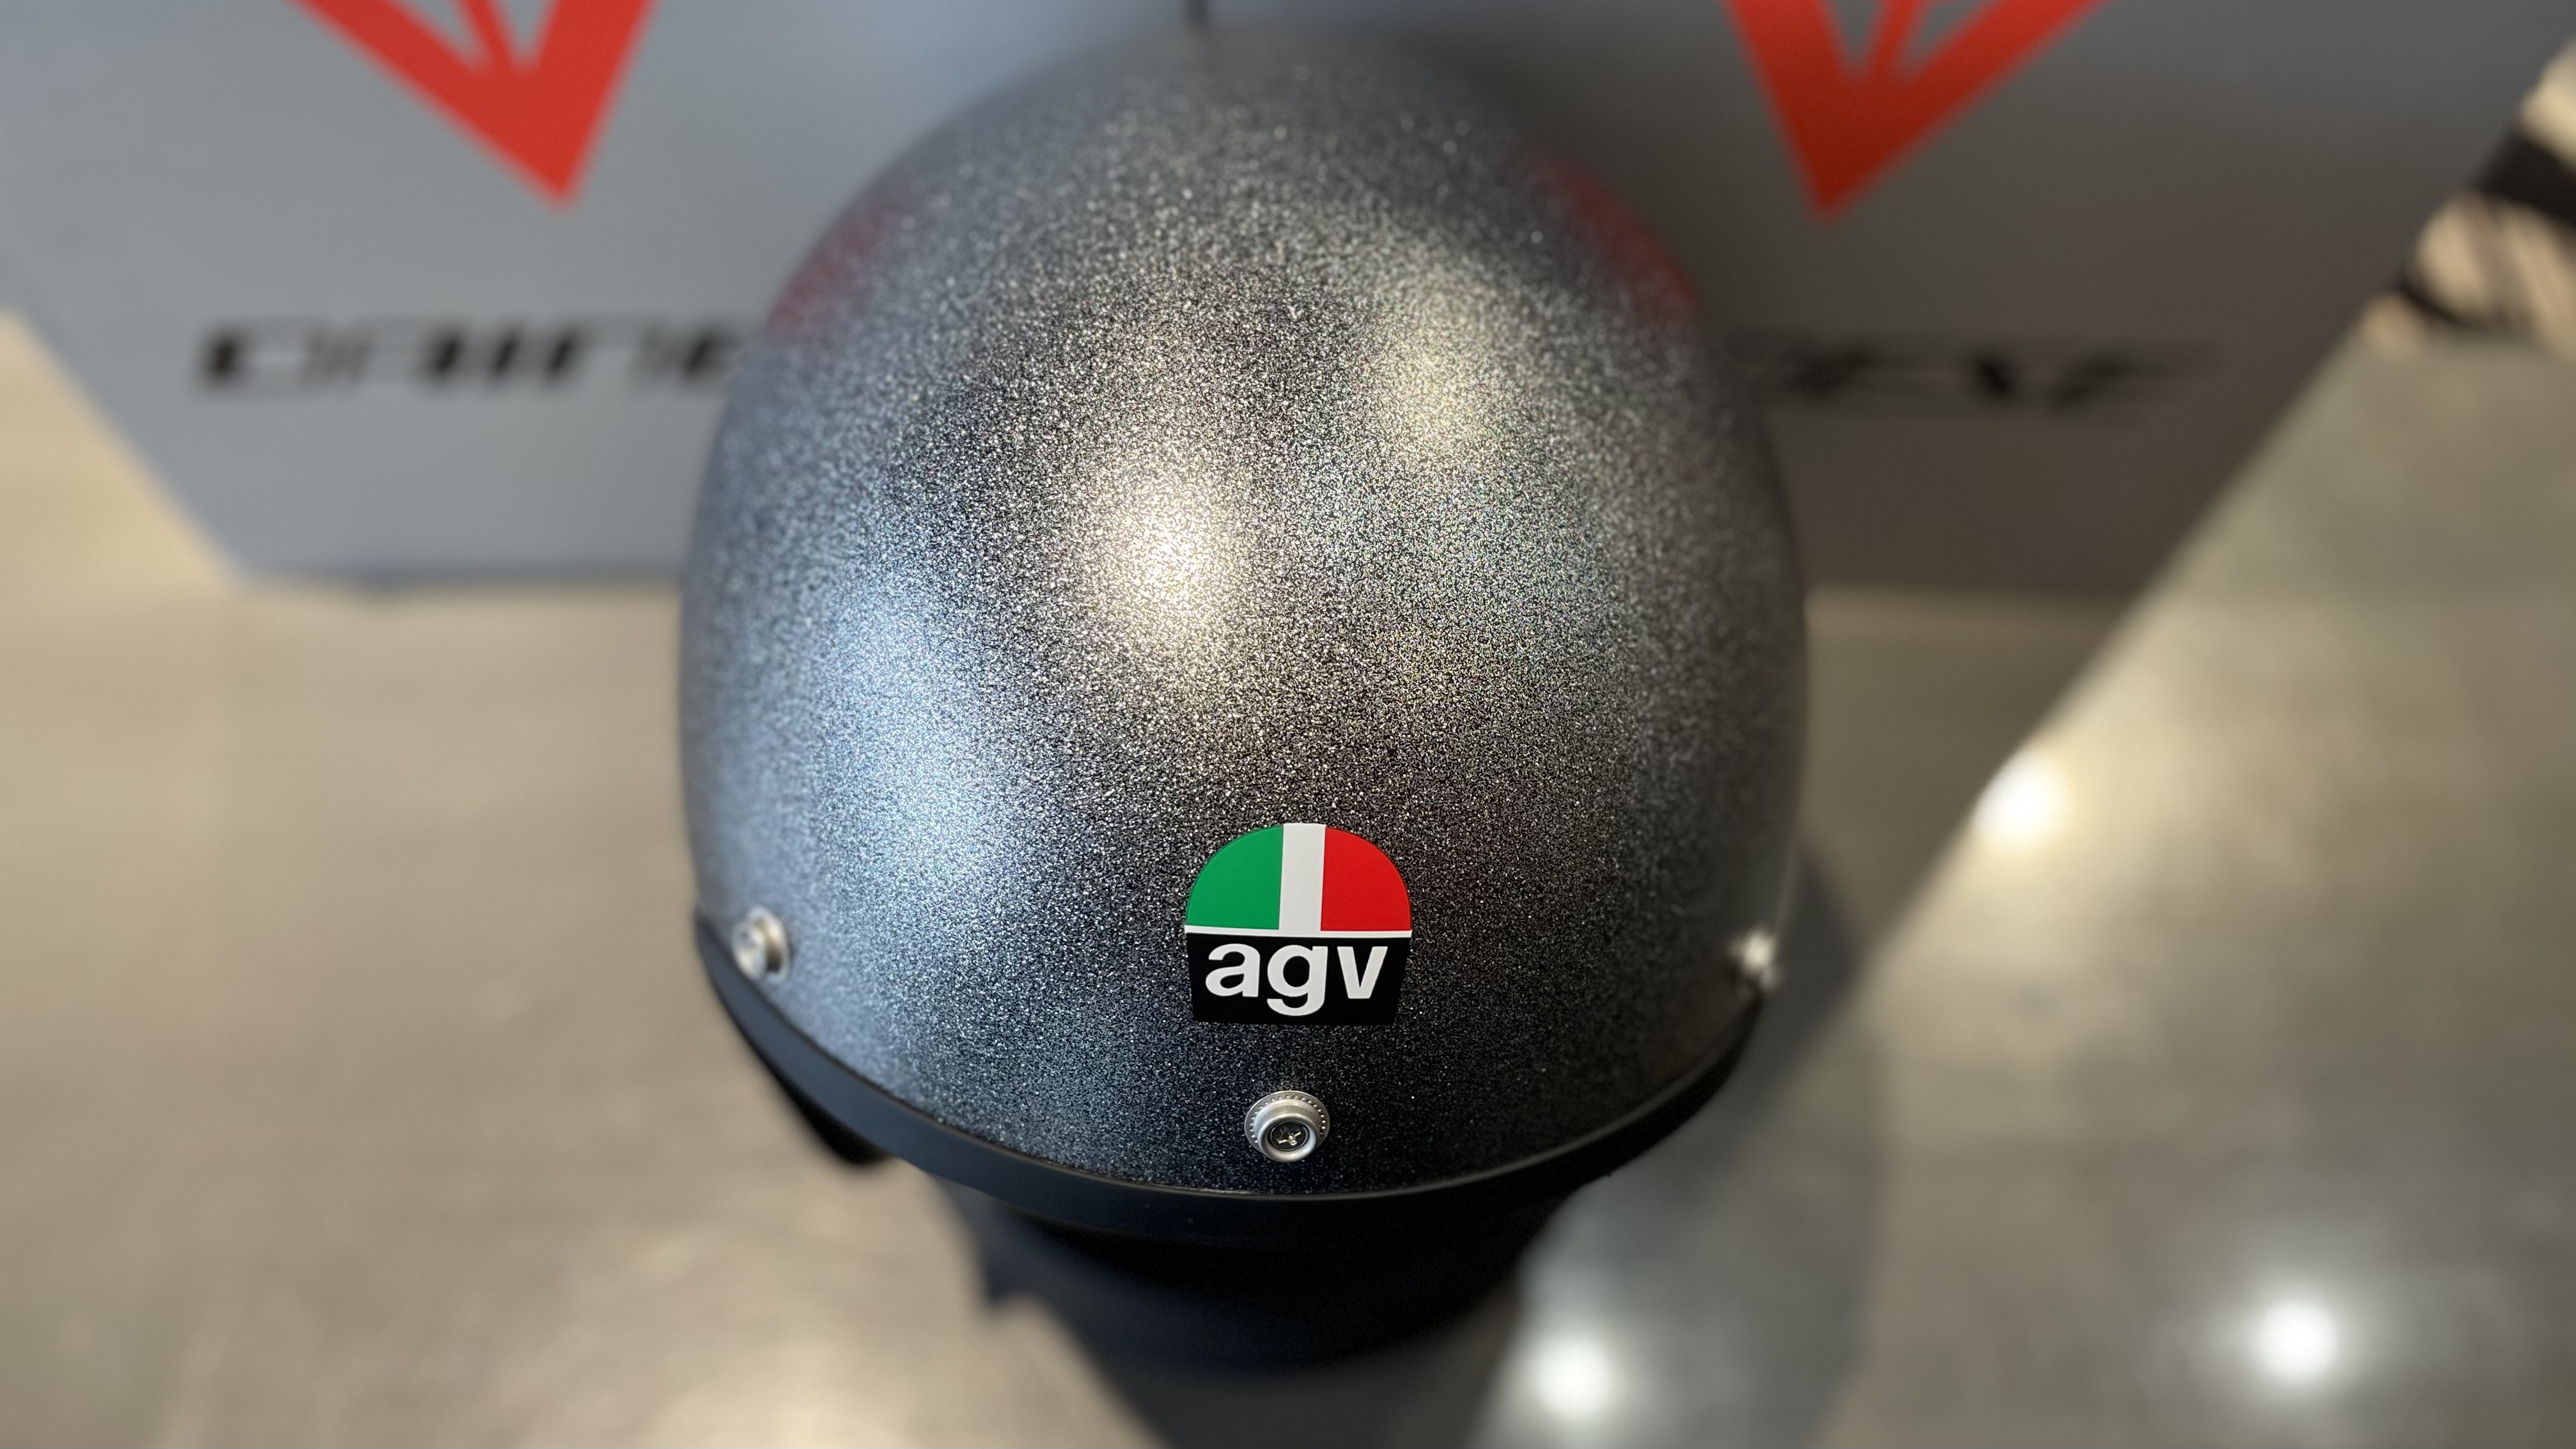 新色モデルAGV X70 -FLAKE GREY- のご紹介